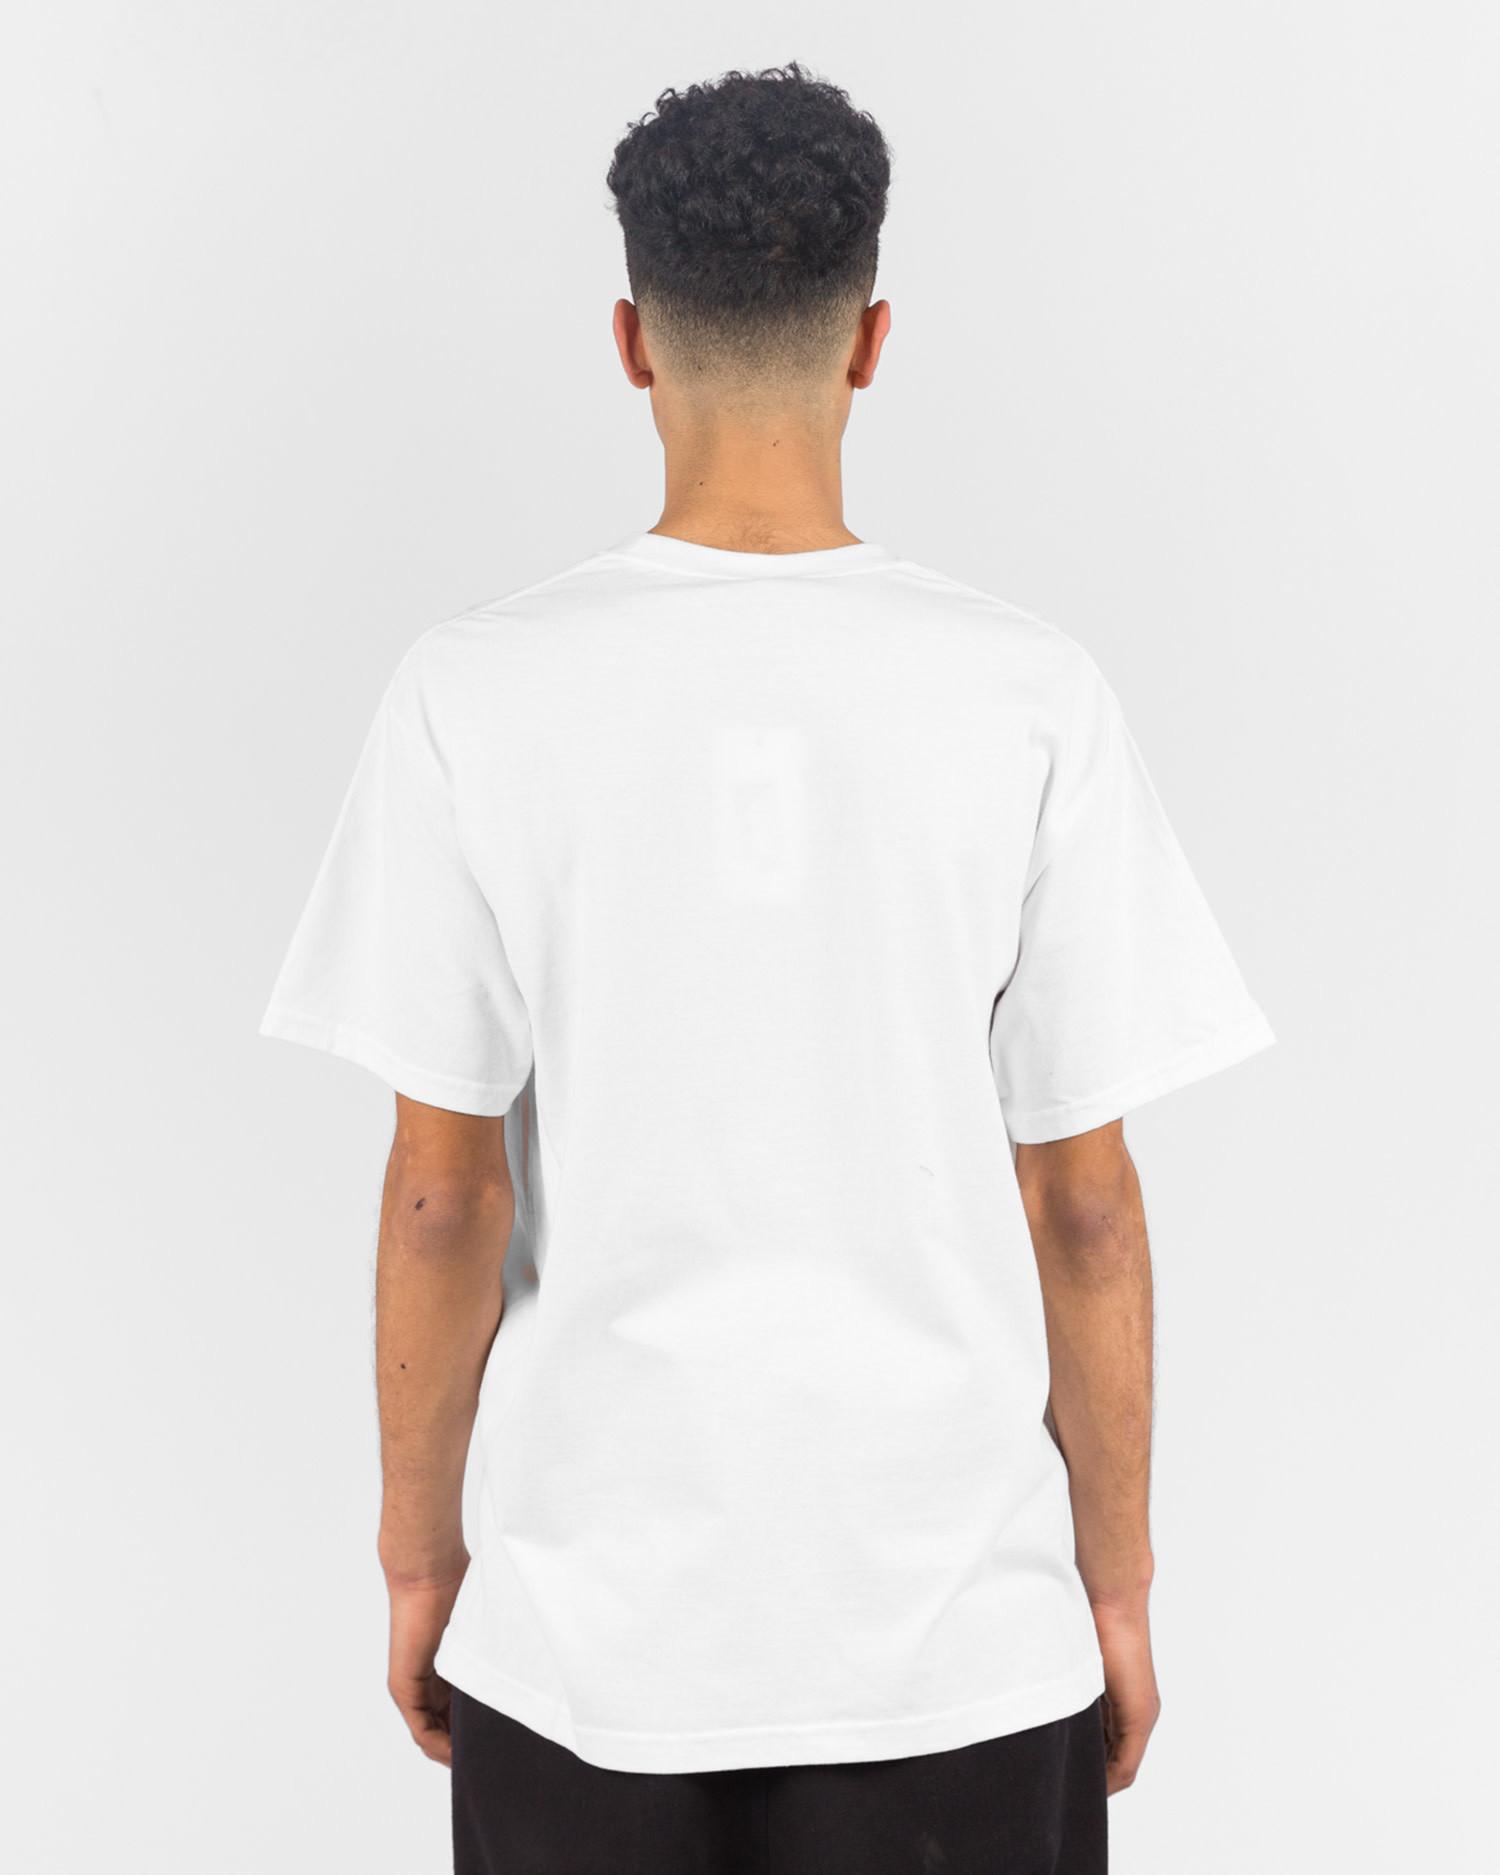 Lockwood OG Varsity T-shirt White/Yellow